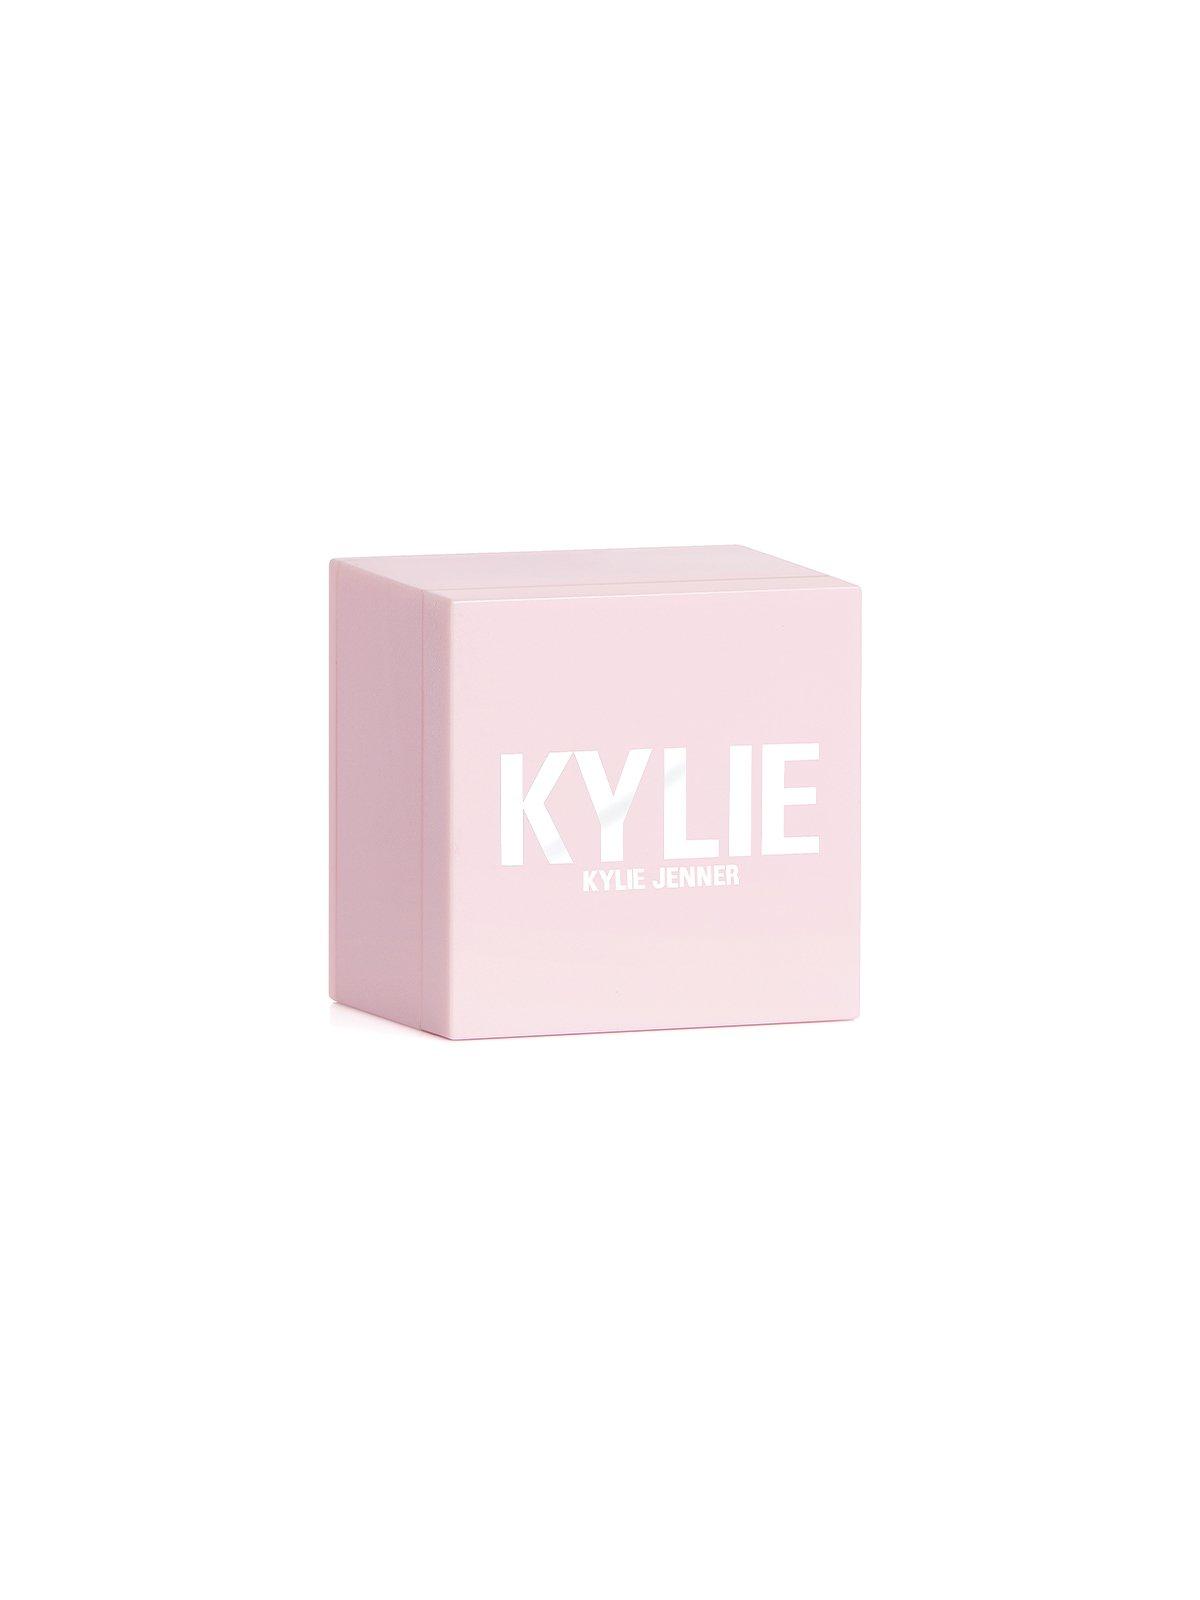 Kylie jenner lip kit restock